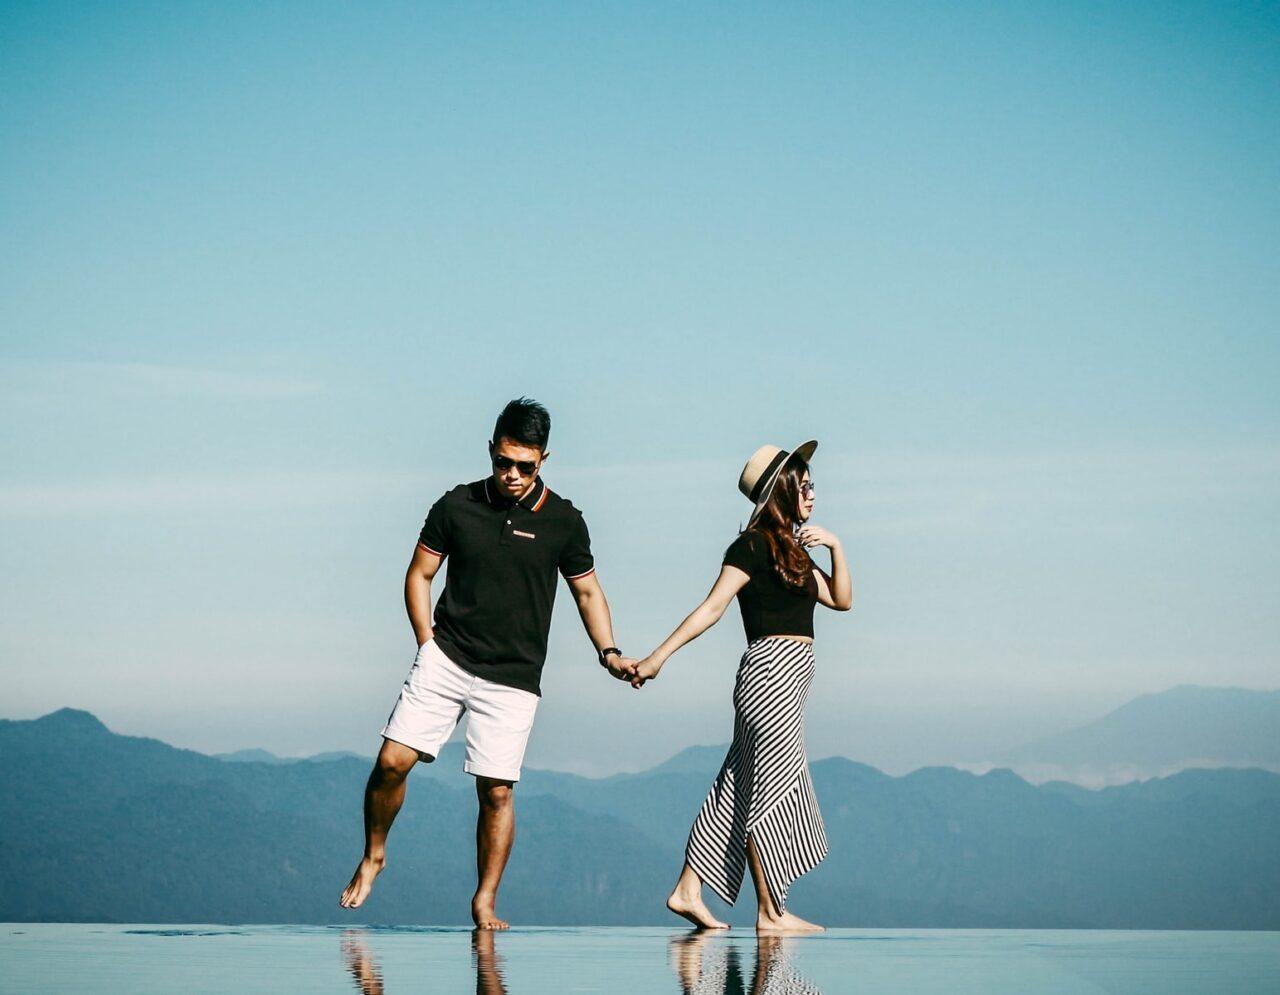 デート中、自分から手を繋ぐのはアリ?男心わかってるな〜と思わせるタイミング講座